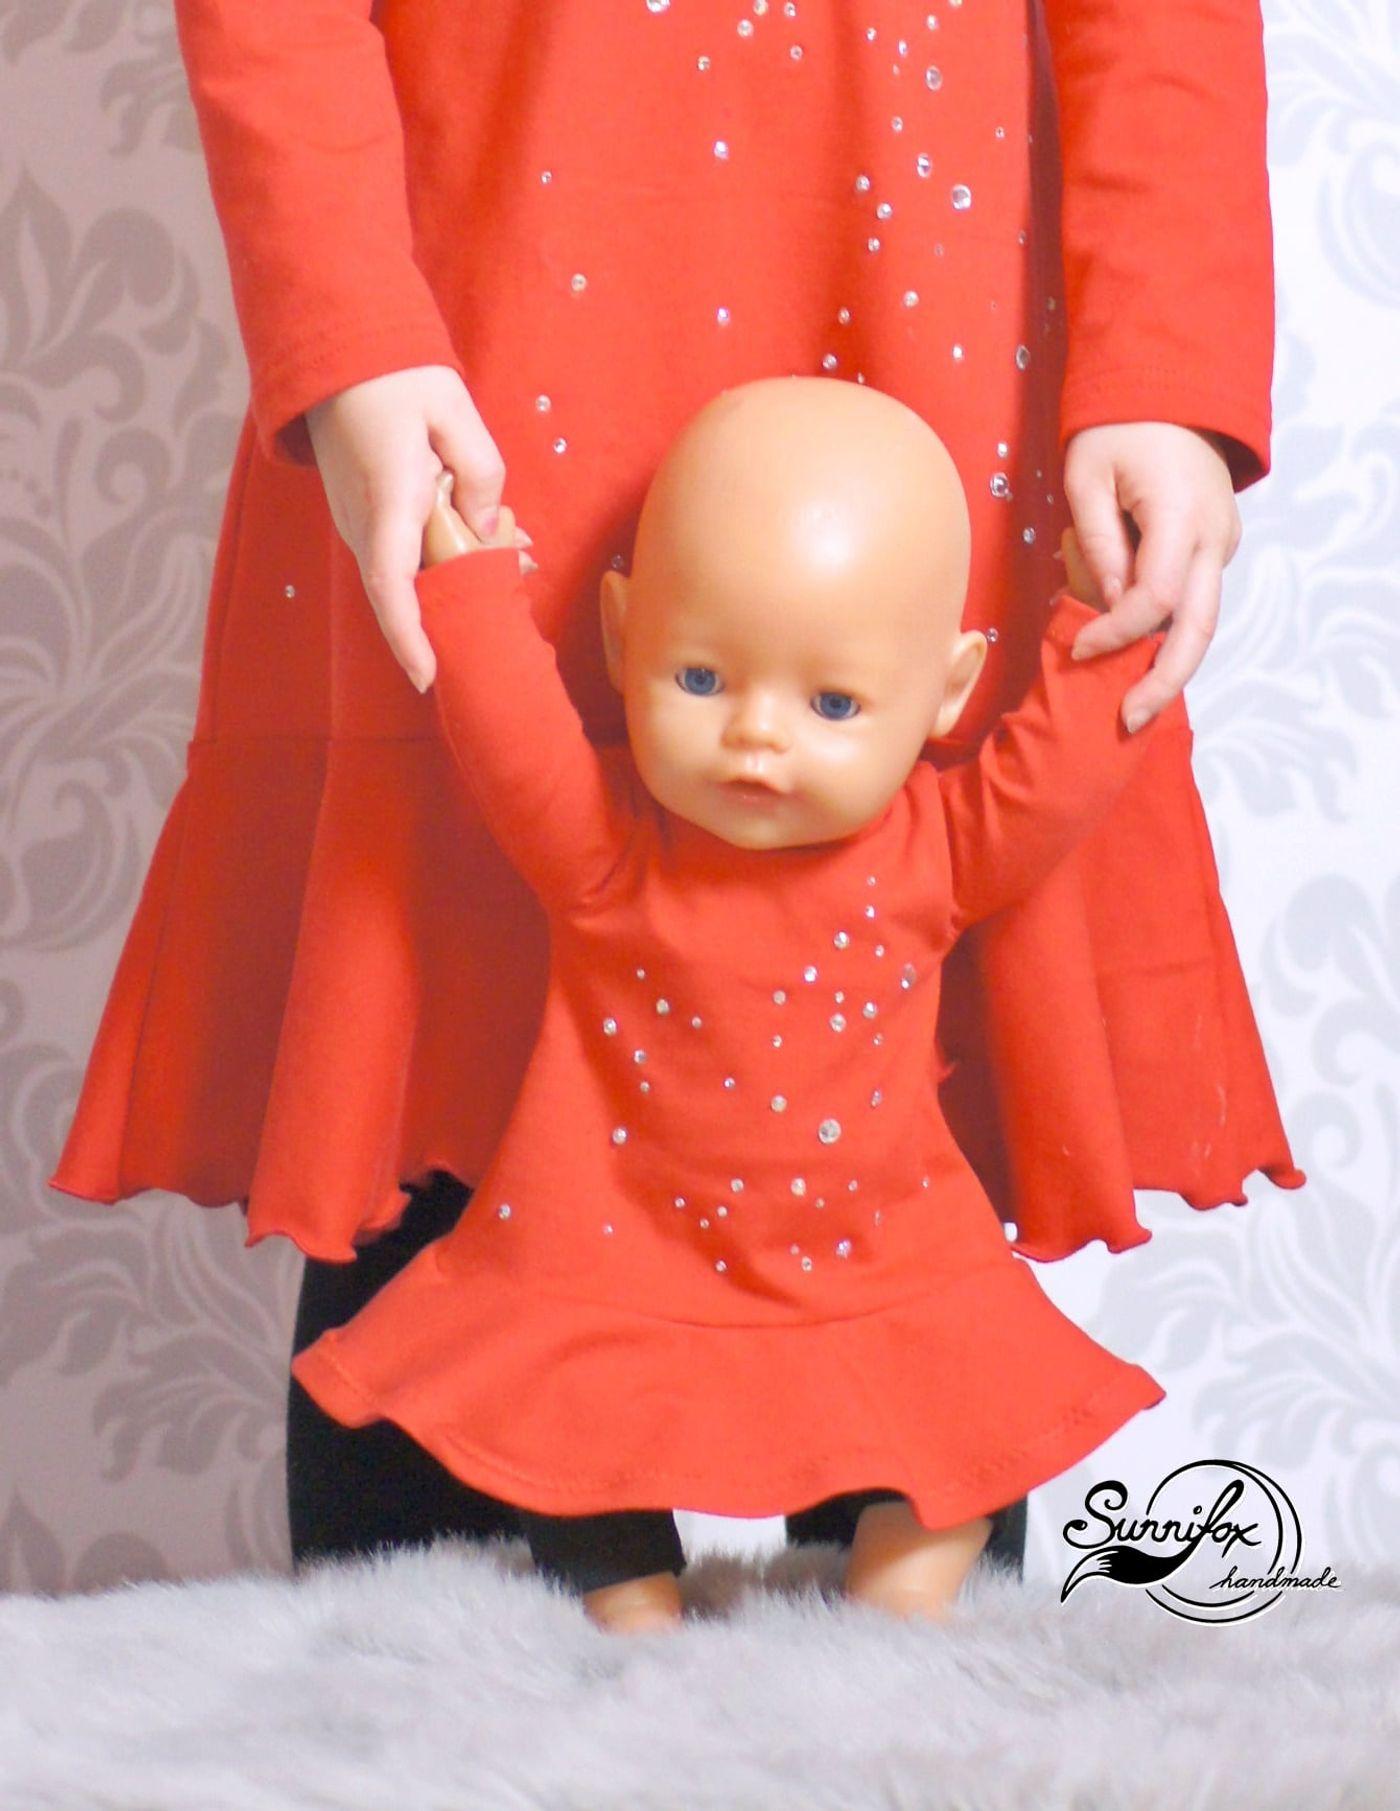 Produktfoto 2 von Happy Pearl für Schnittmuster Little SUNdrina + Happy SUNdrina Tunika/Kleid und 43cm Puppenschnitt